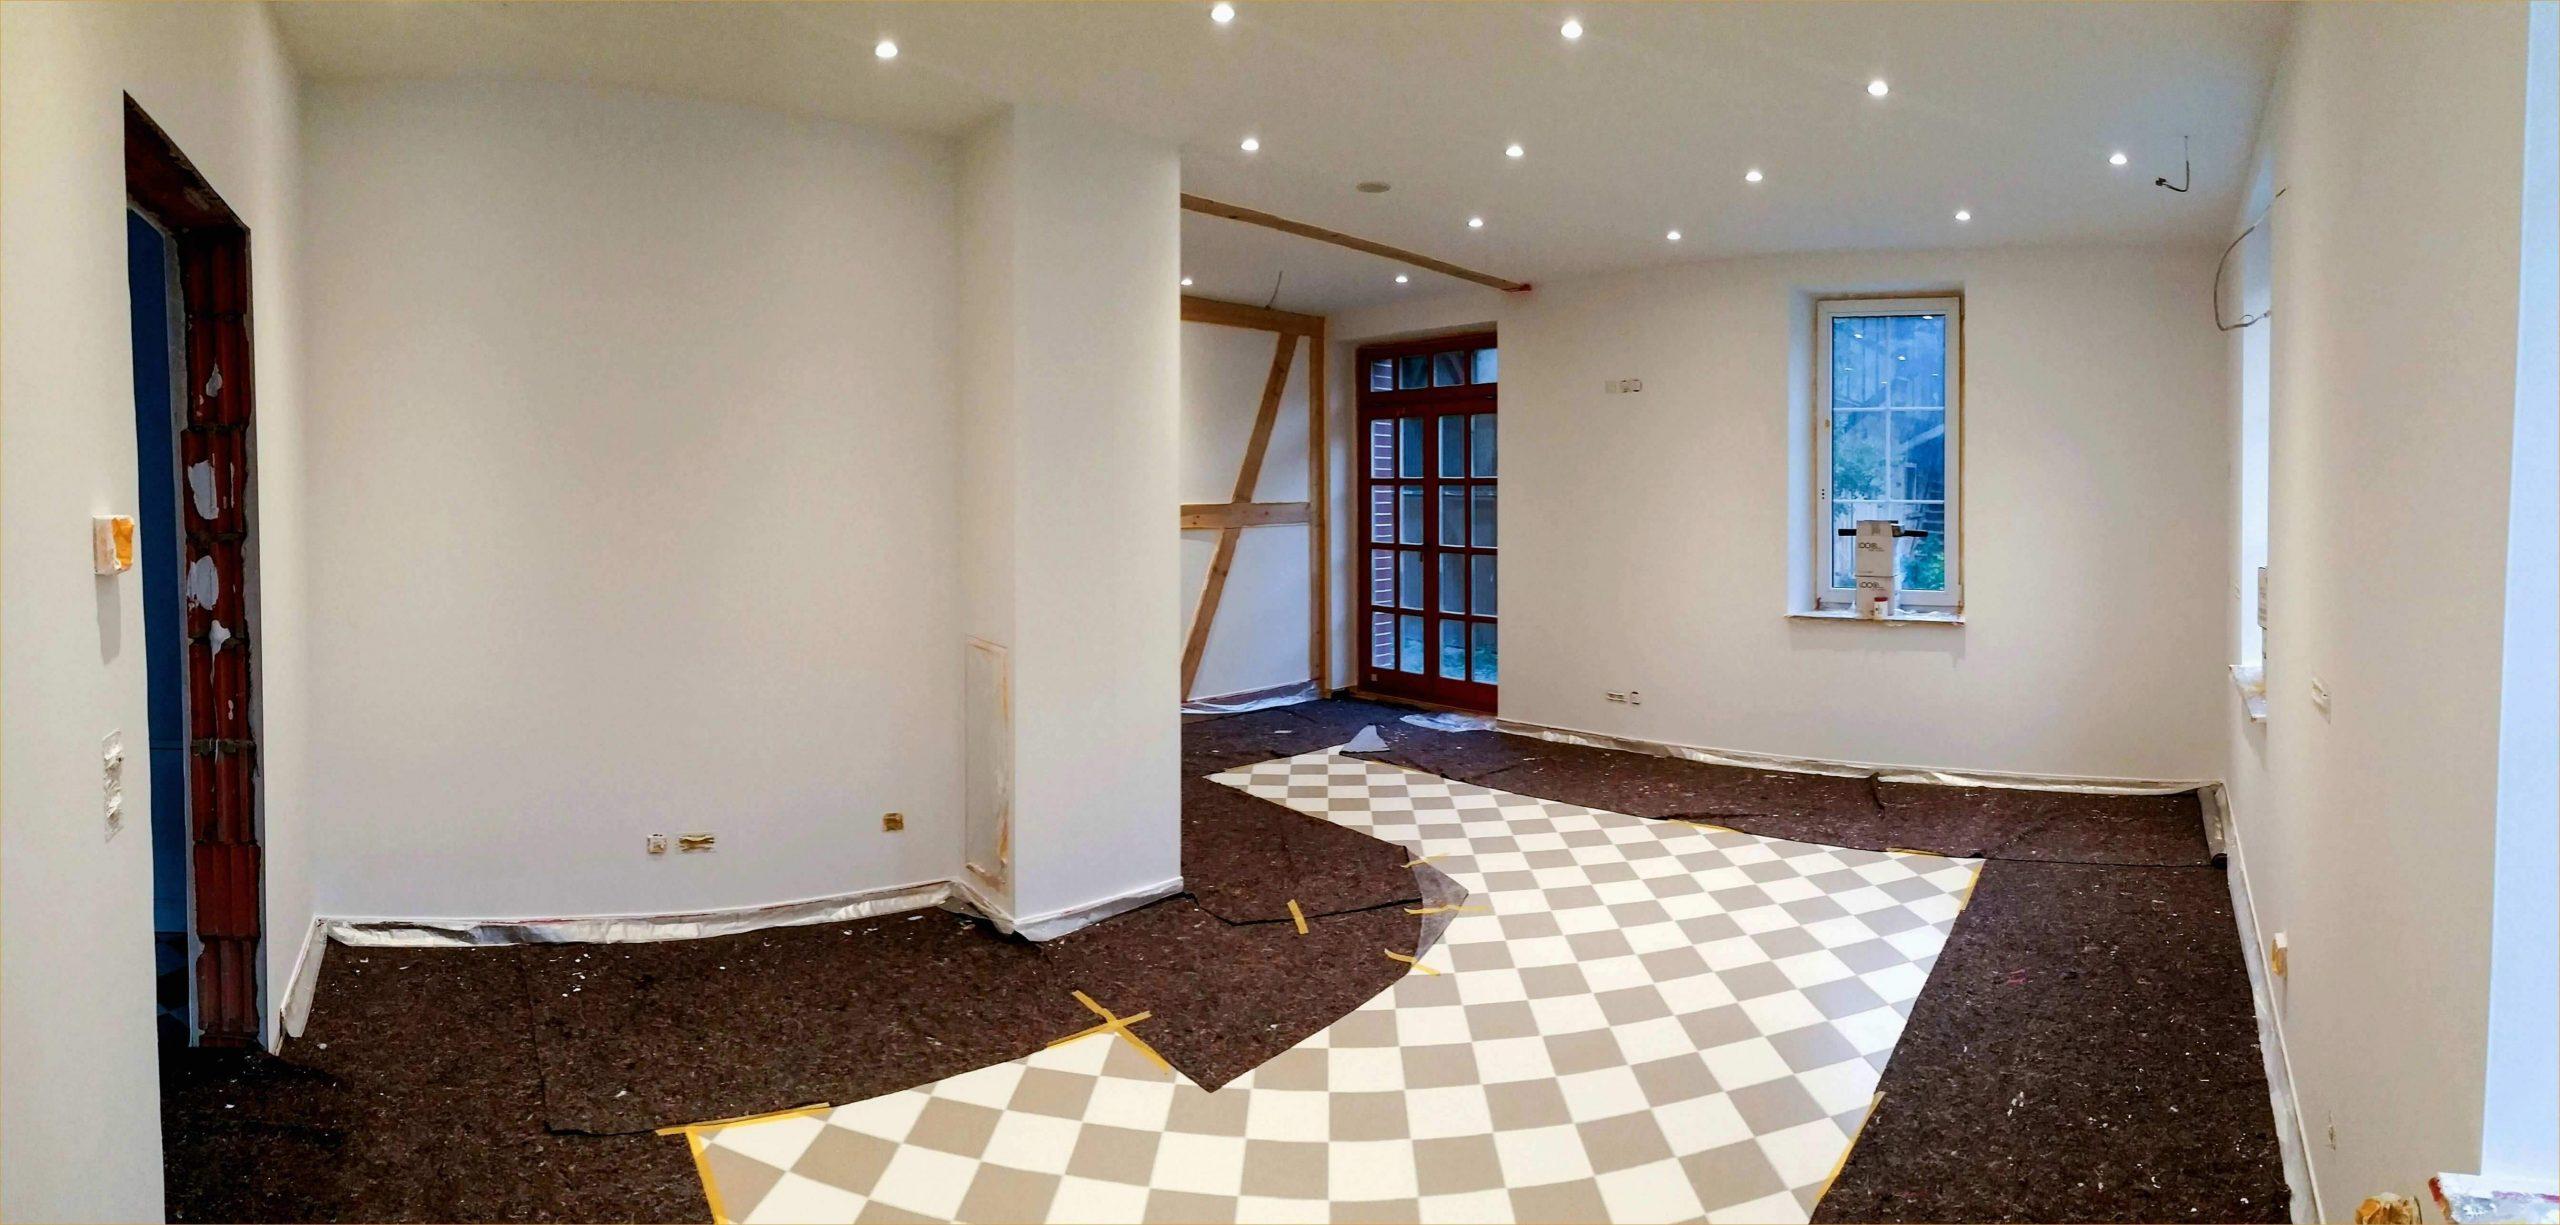 Full Size of 25 Schn Deckenspots Wohnzimmer Einzigartig Das Beste Deckenstrahler Fototapeten Deckenleuchte Teppich Tapete Tapeten Ideen Beleuchtung Deckenlampen Für Wohnzimmer Deckenspots Wohnzimmer